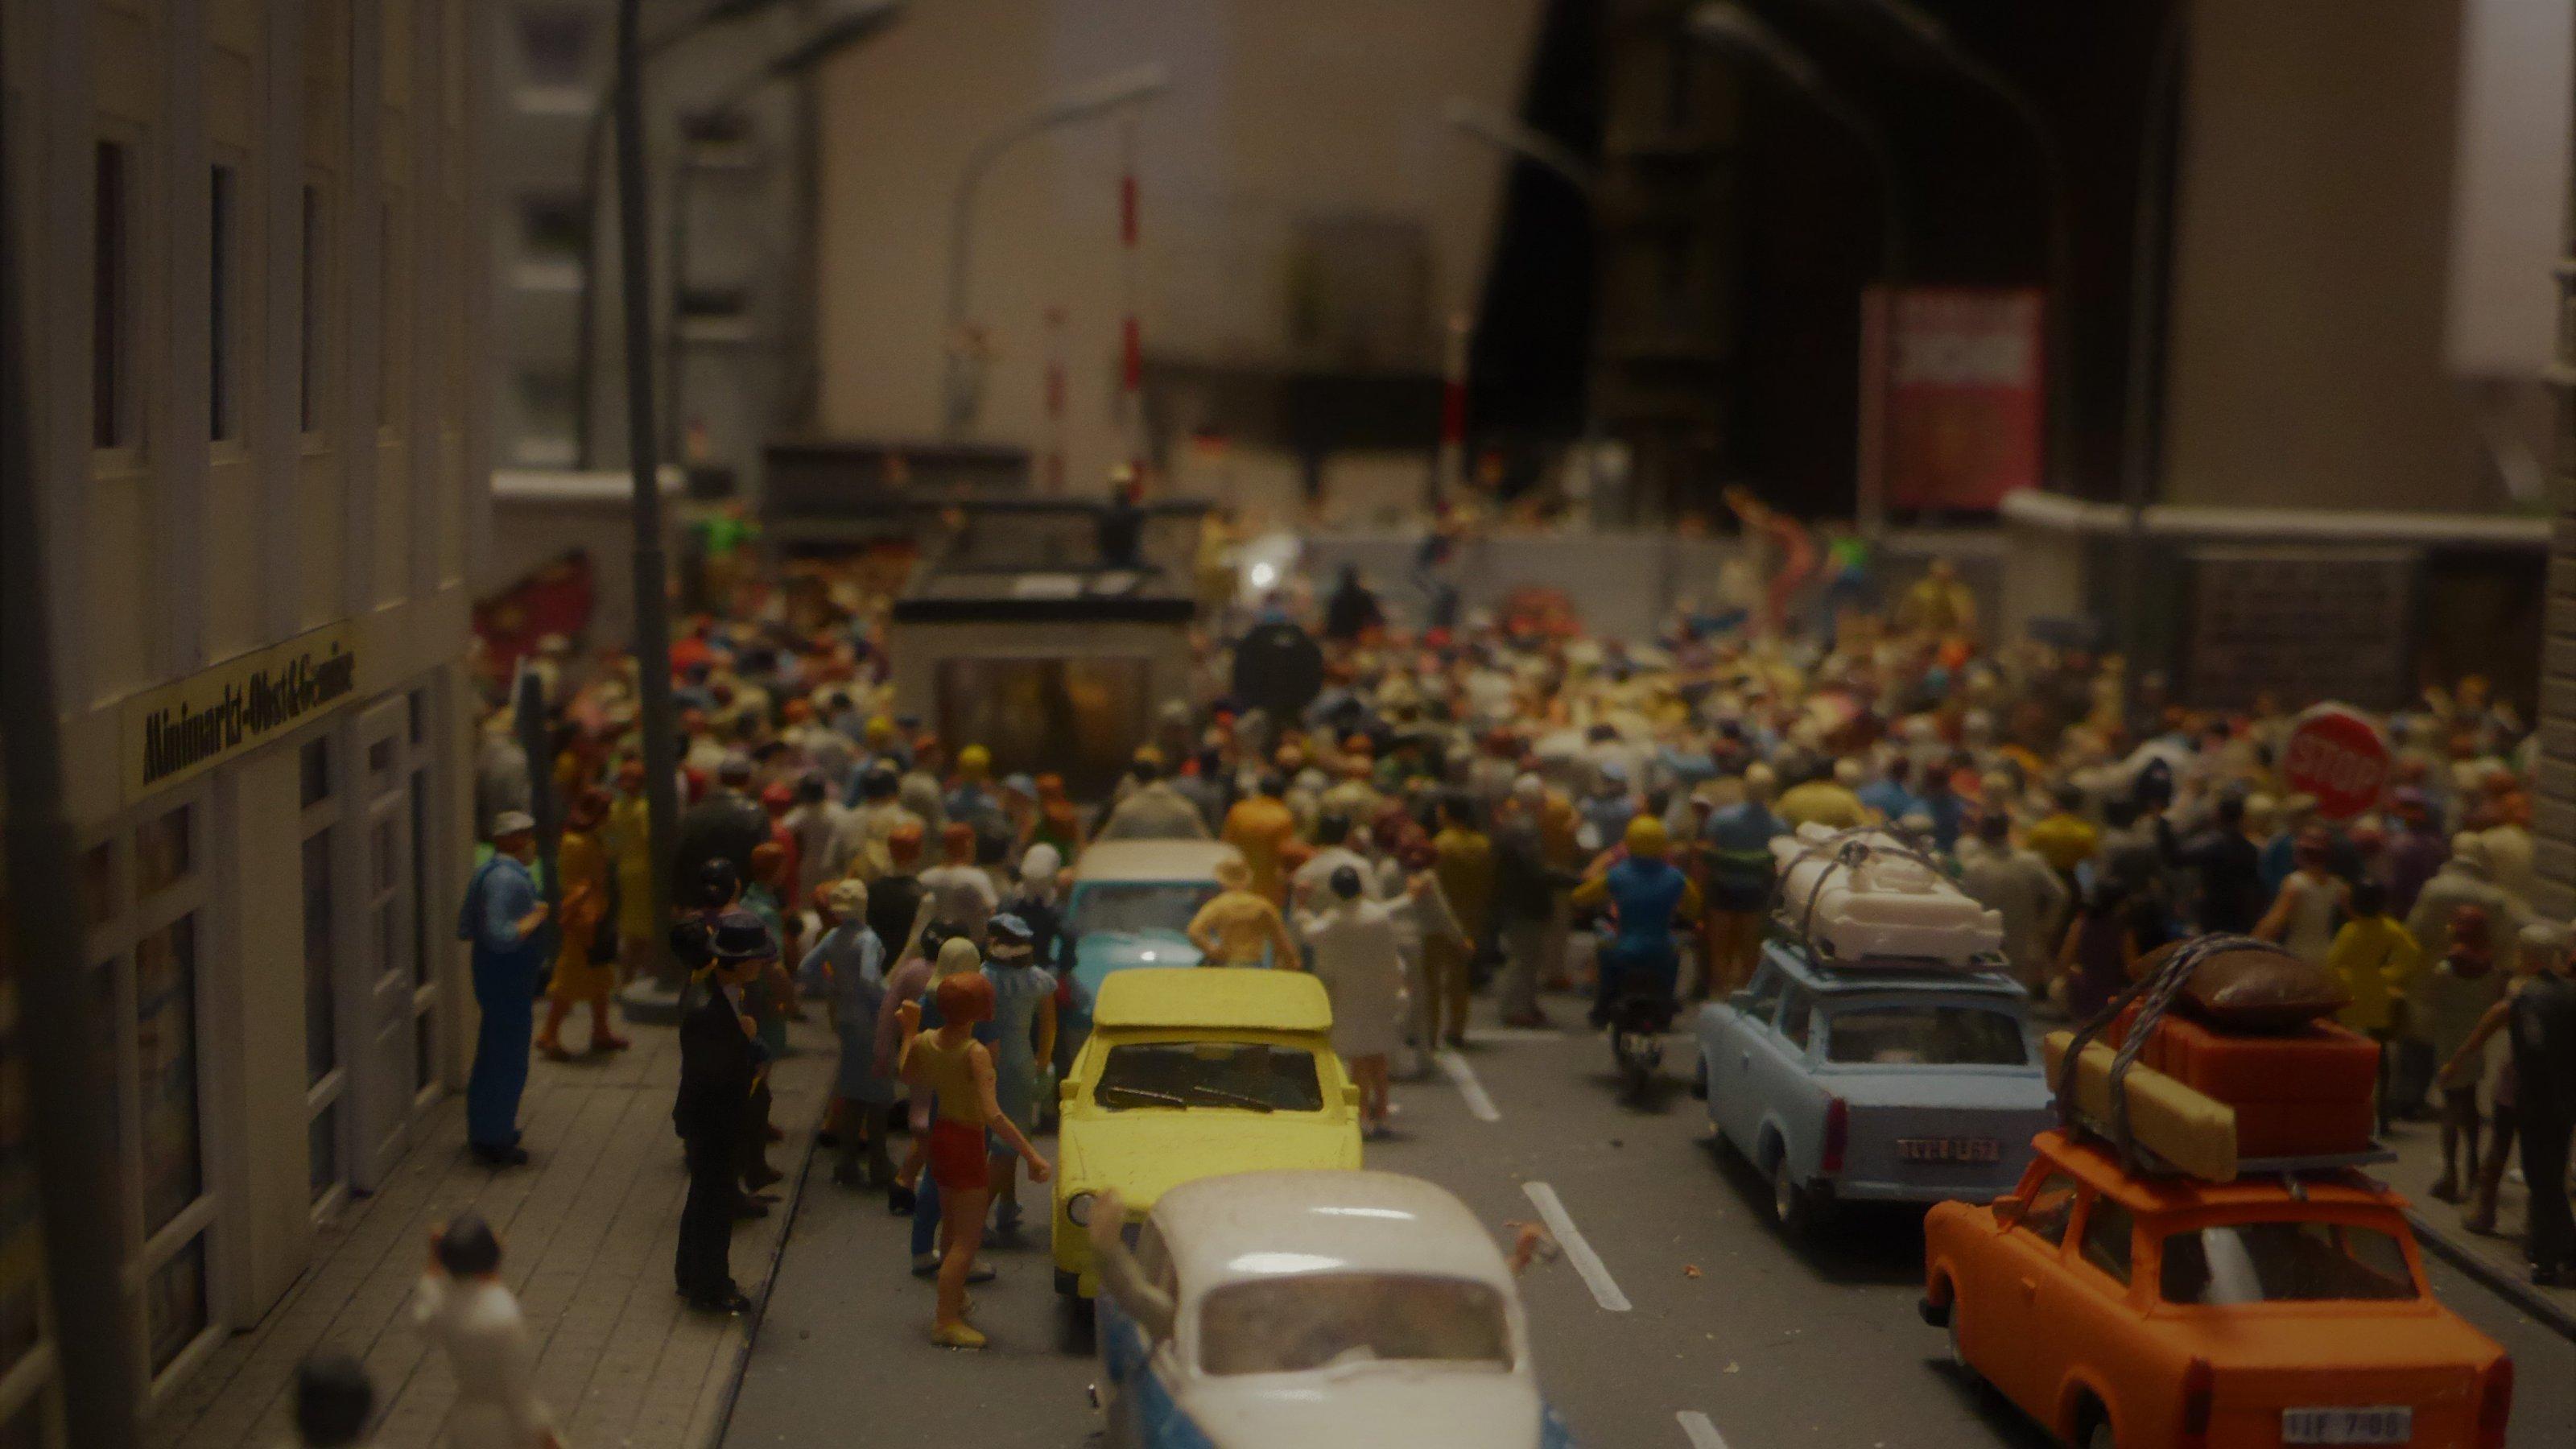 Unbepackte DDR-PKW bahnen sich einen Weg nach Westberlin, während vollgepackte Karossen bereits wieder auf dem Weg nach Hause in den Ostteil der Stadt sind.